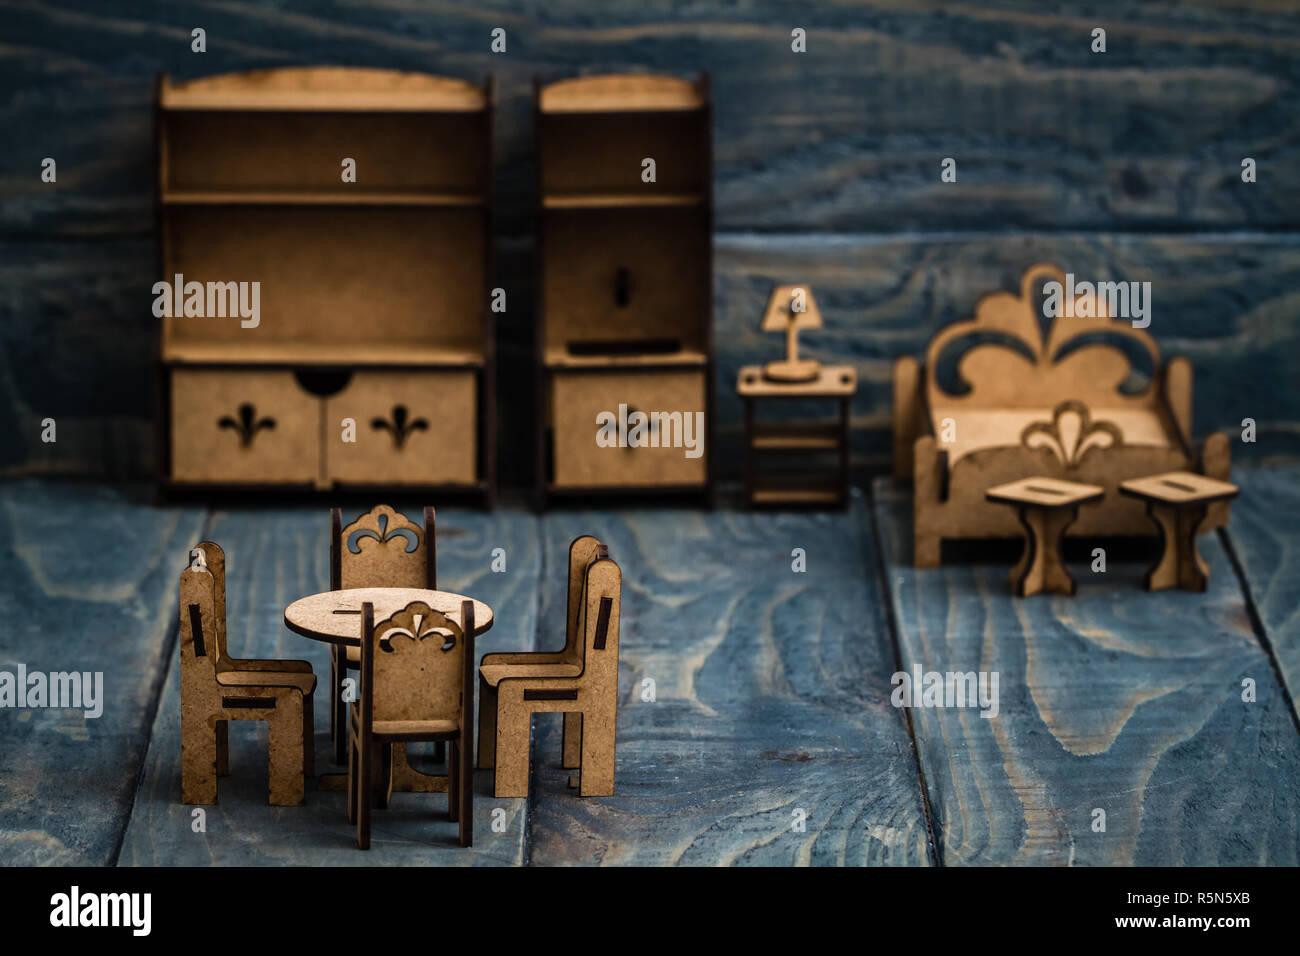 Dipingere Sedie Di Legno miniatura mobili in legno per bambini a dipingere e a godere